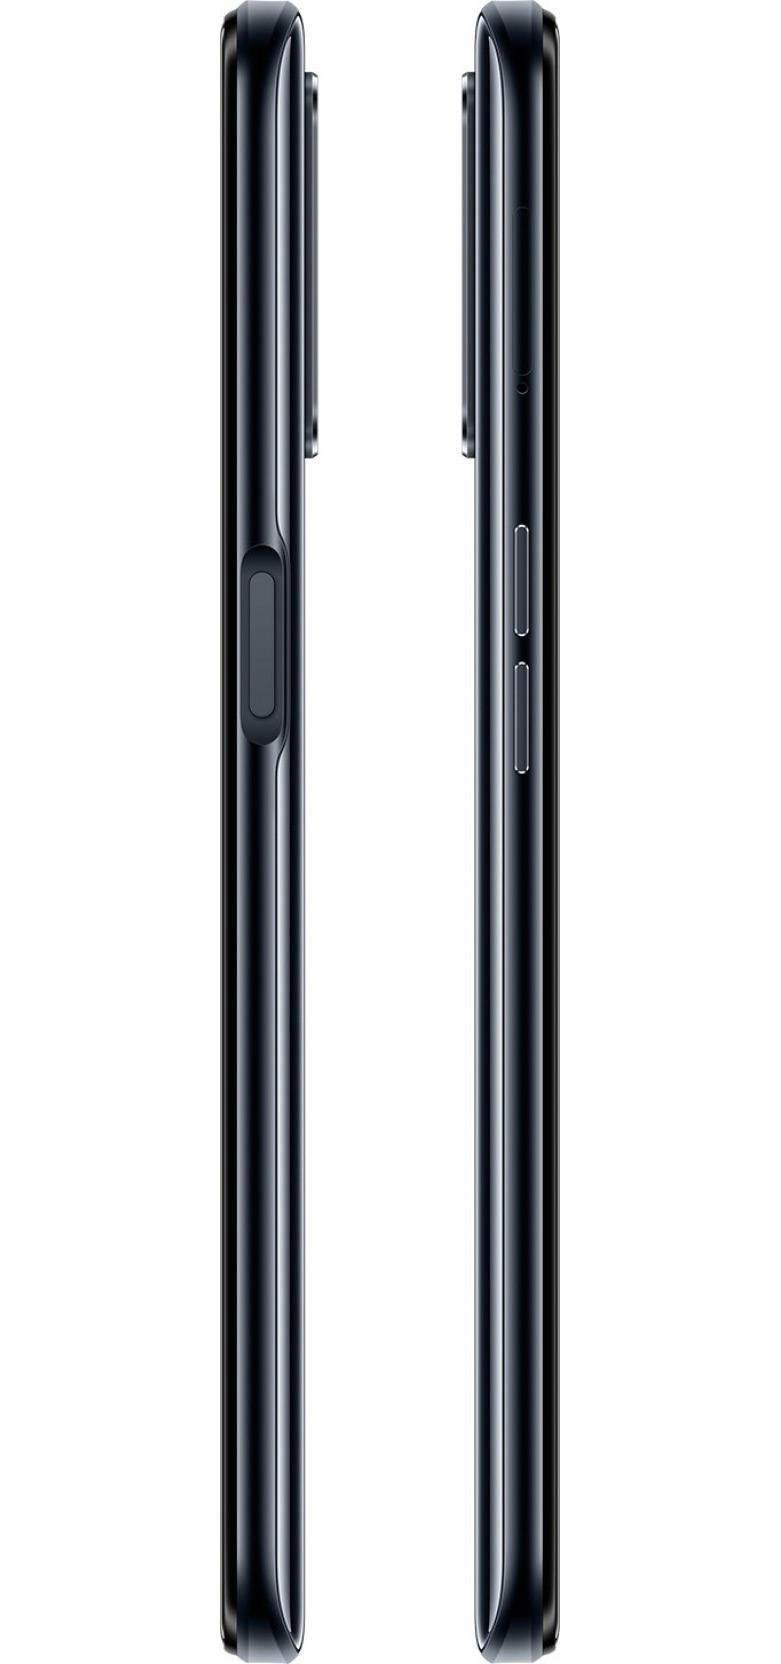 Oppo A54 Crystal Black 4GB   64GB